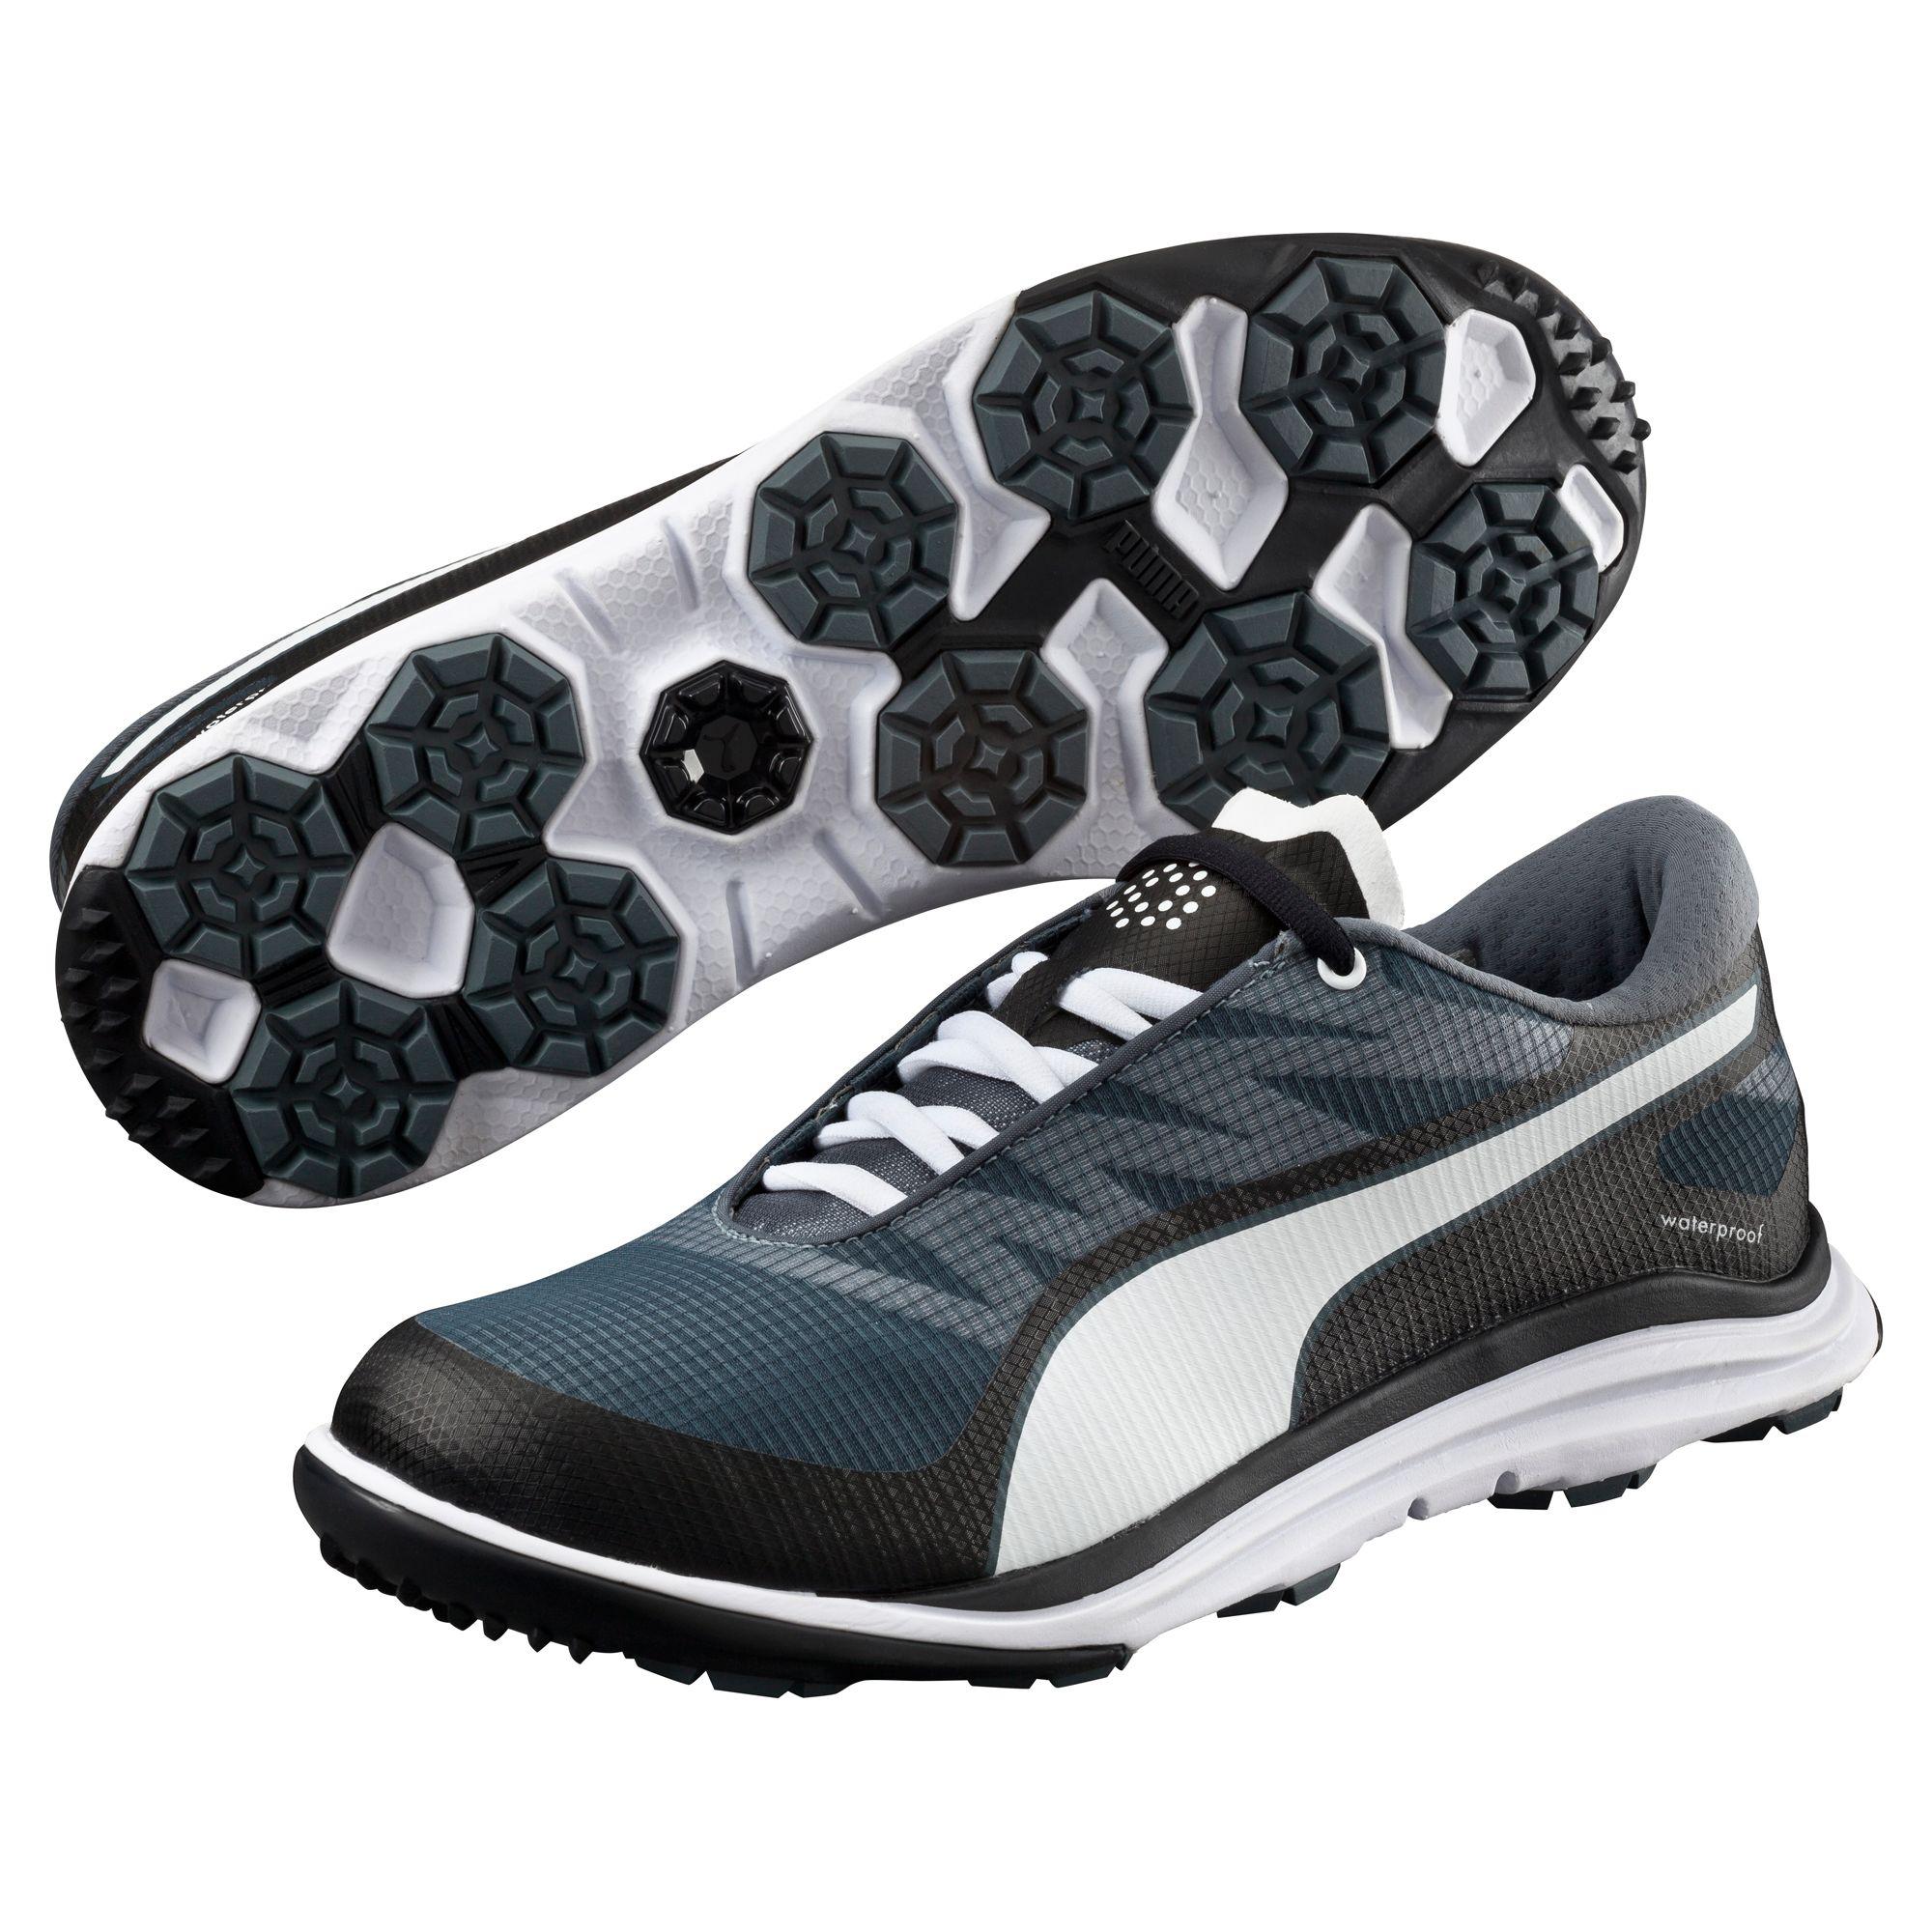 6eaf780904a PUMA BioDrive Golf Shoes Footwear Golf Men New